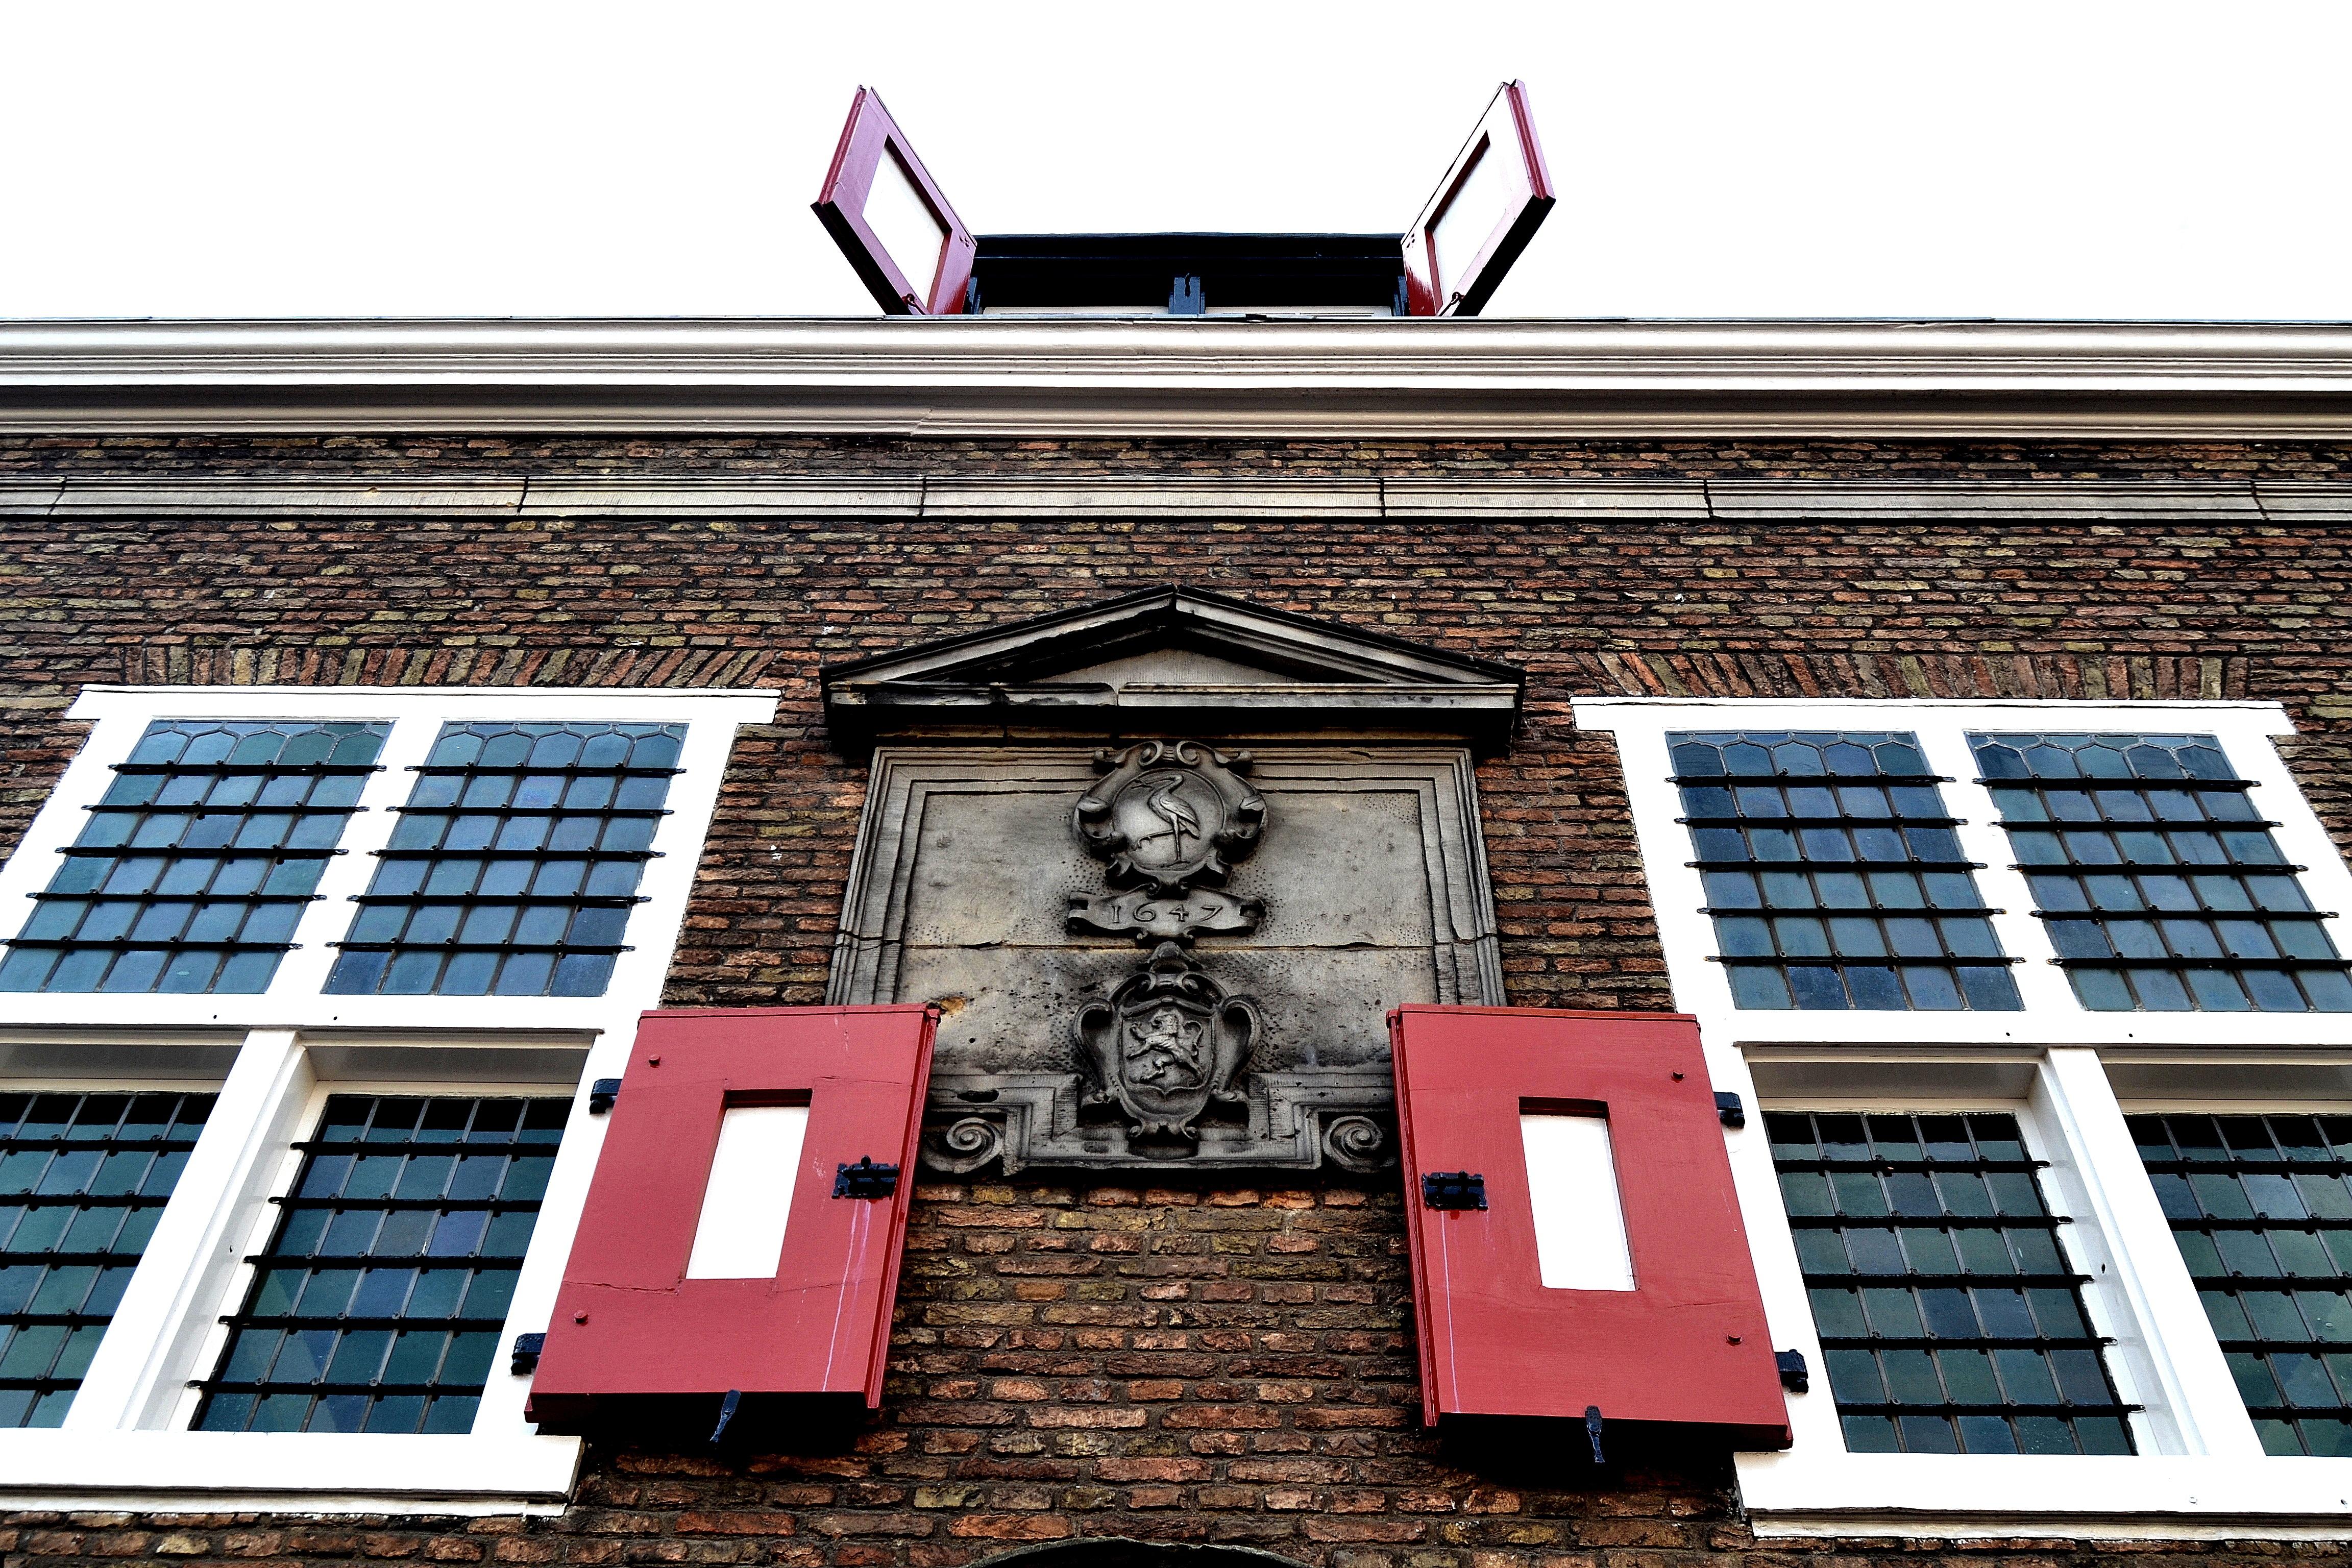 Kostenlose foto : die Architektur, Fenster, Dach, Gebäude ...